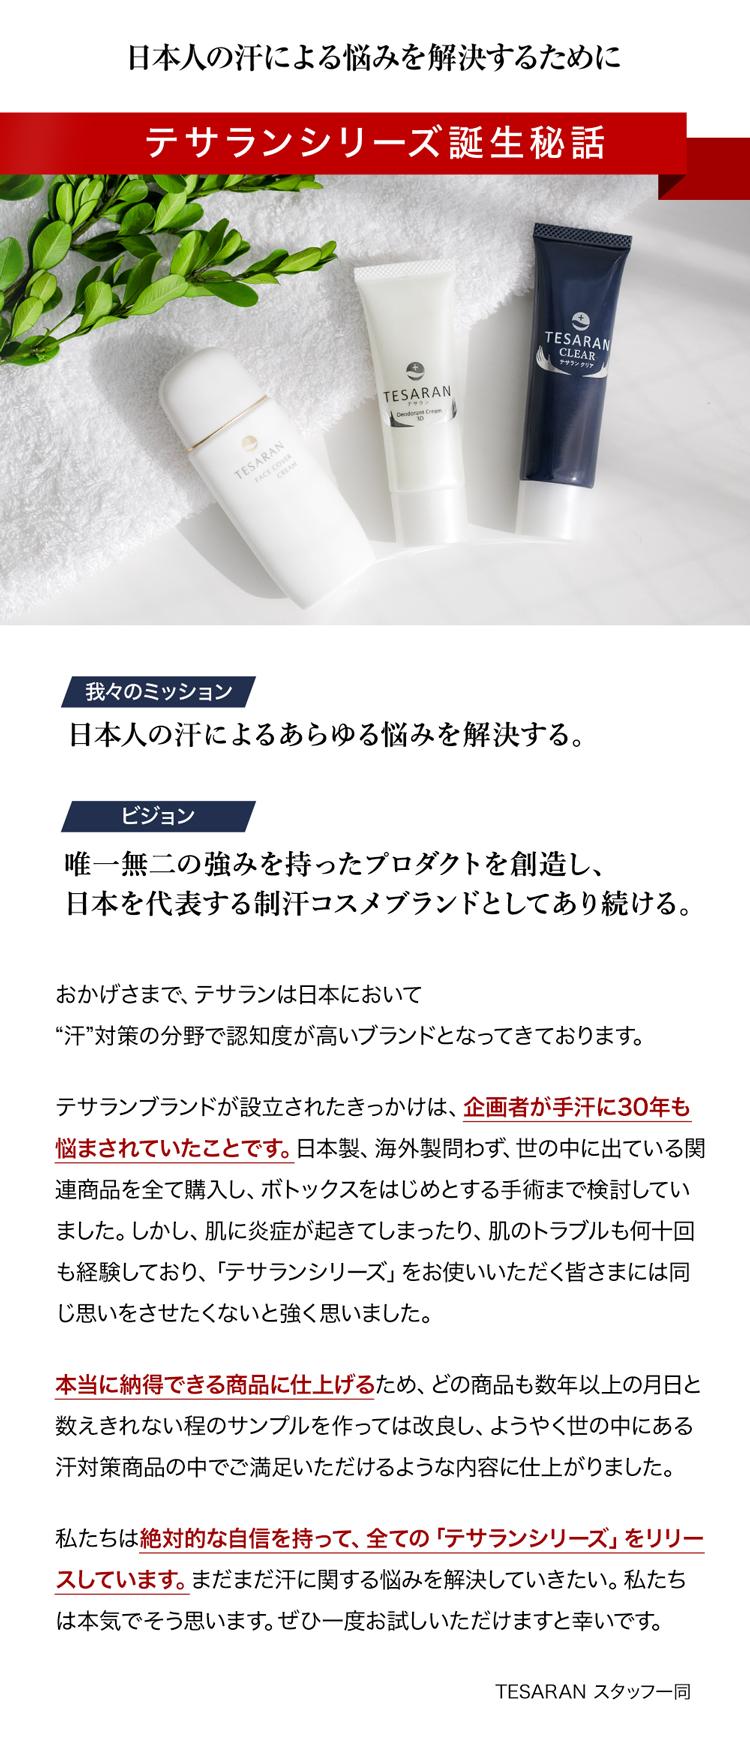 テサランシリーズ誕生秘話